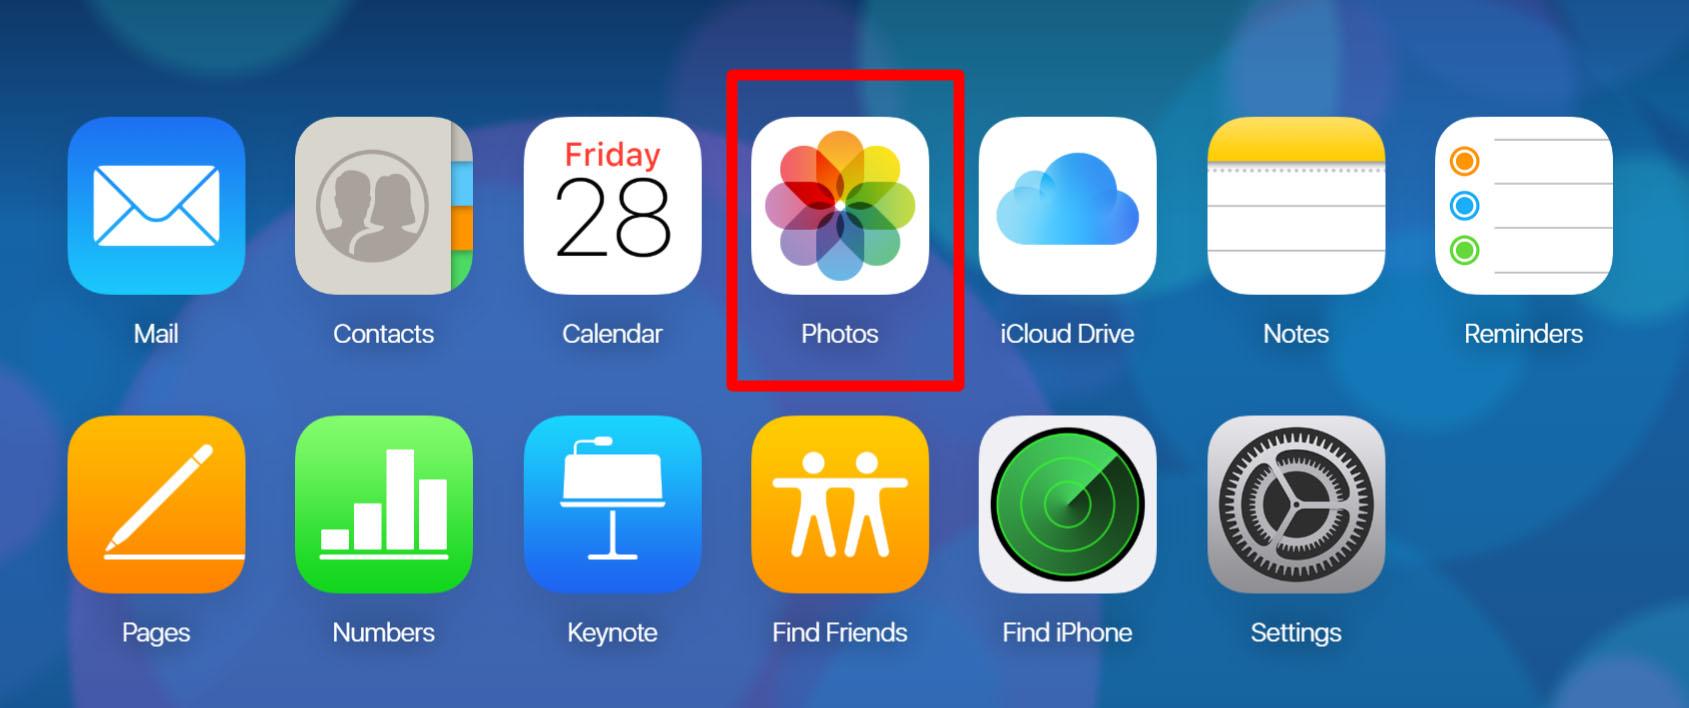 2. 1. Cara Mentransfer Foto dari iPhone ke Macbook Menggunakan iCloud